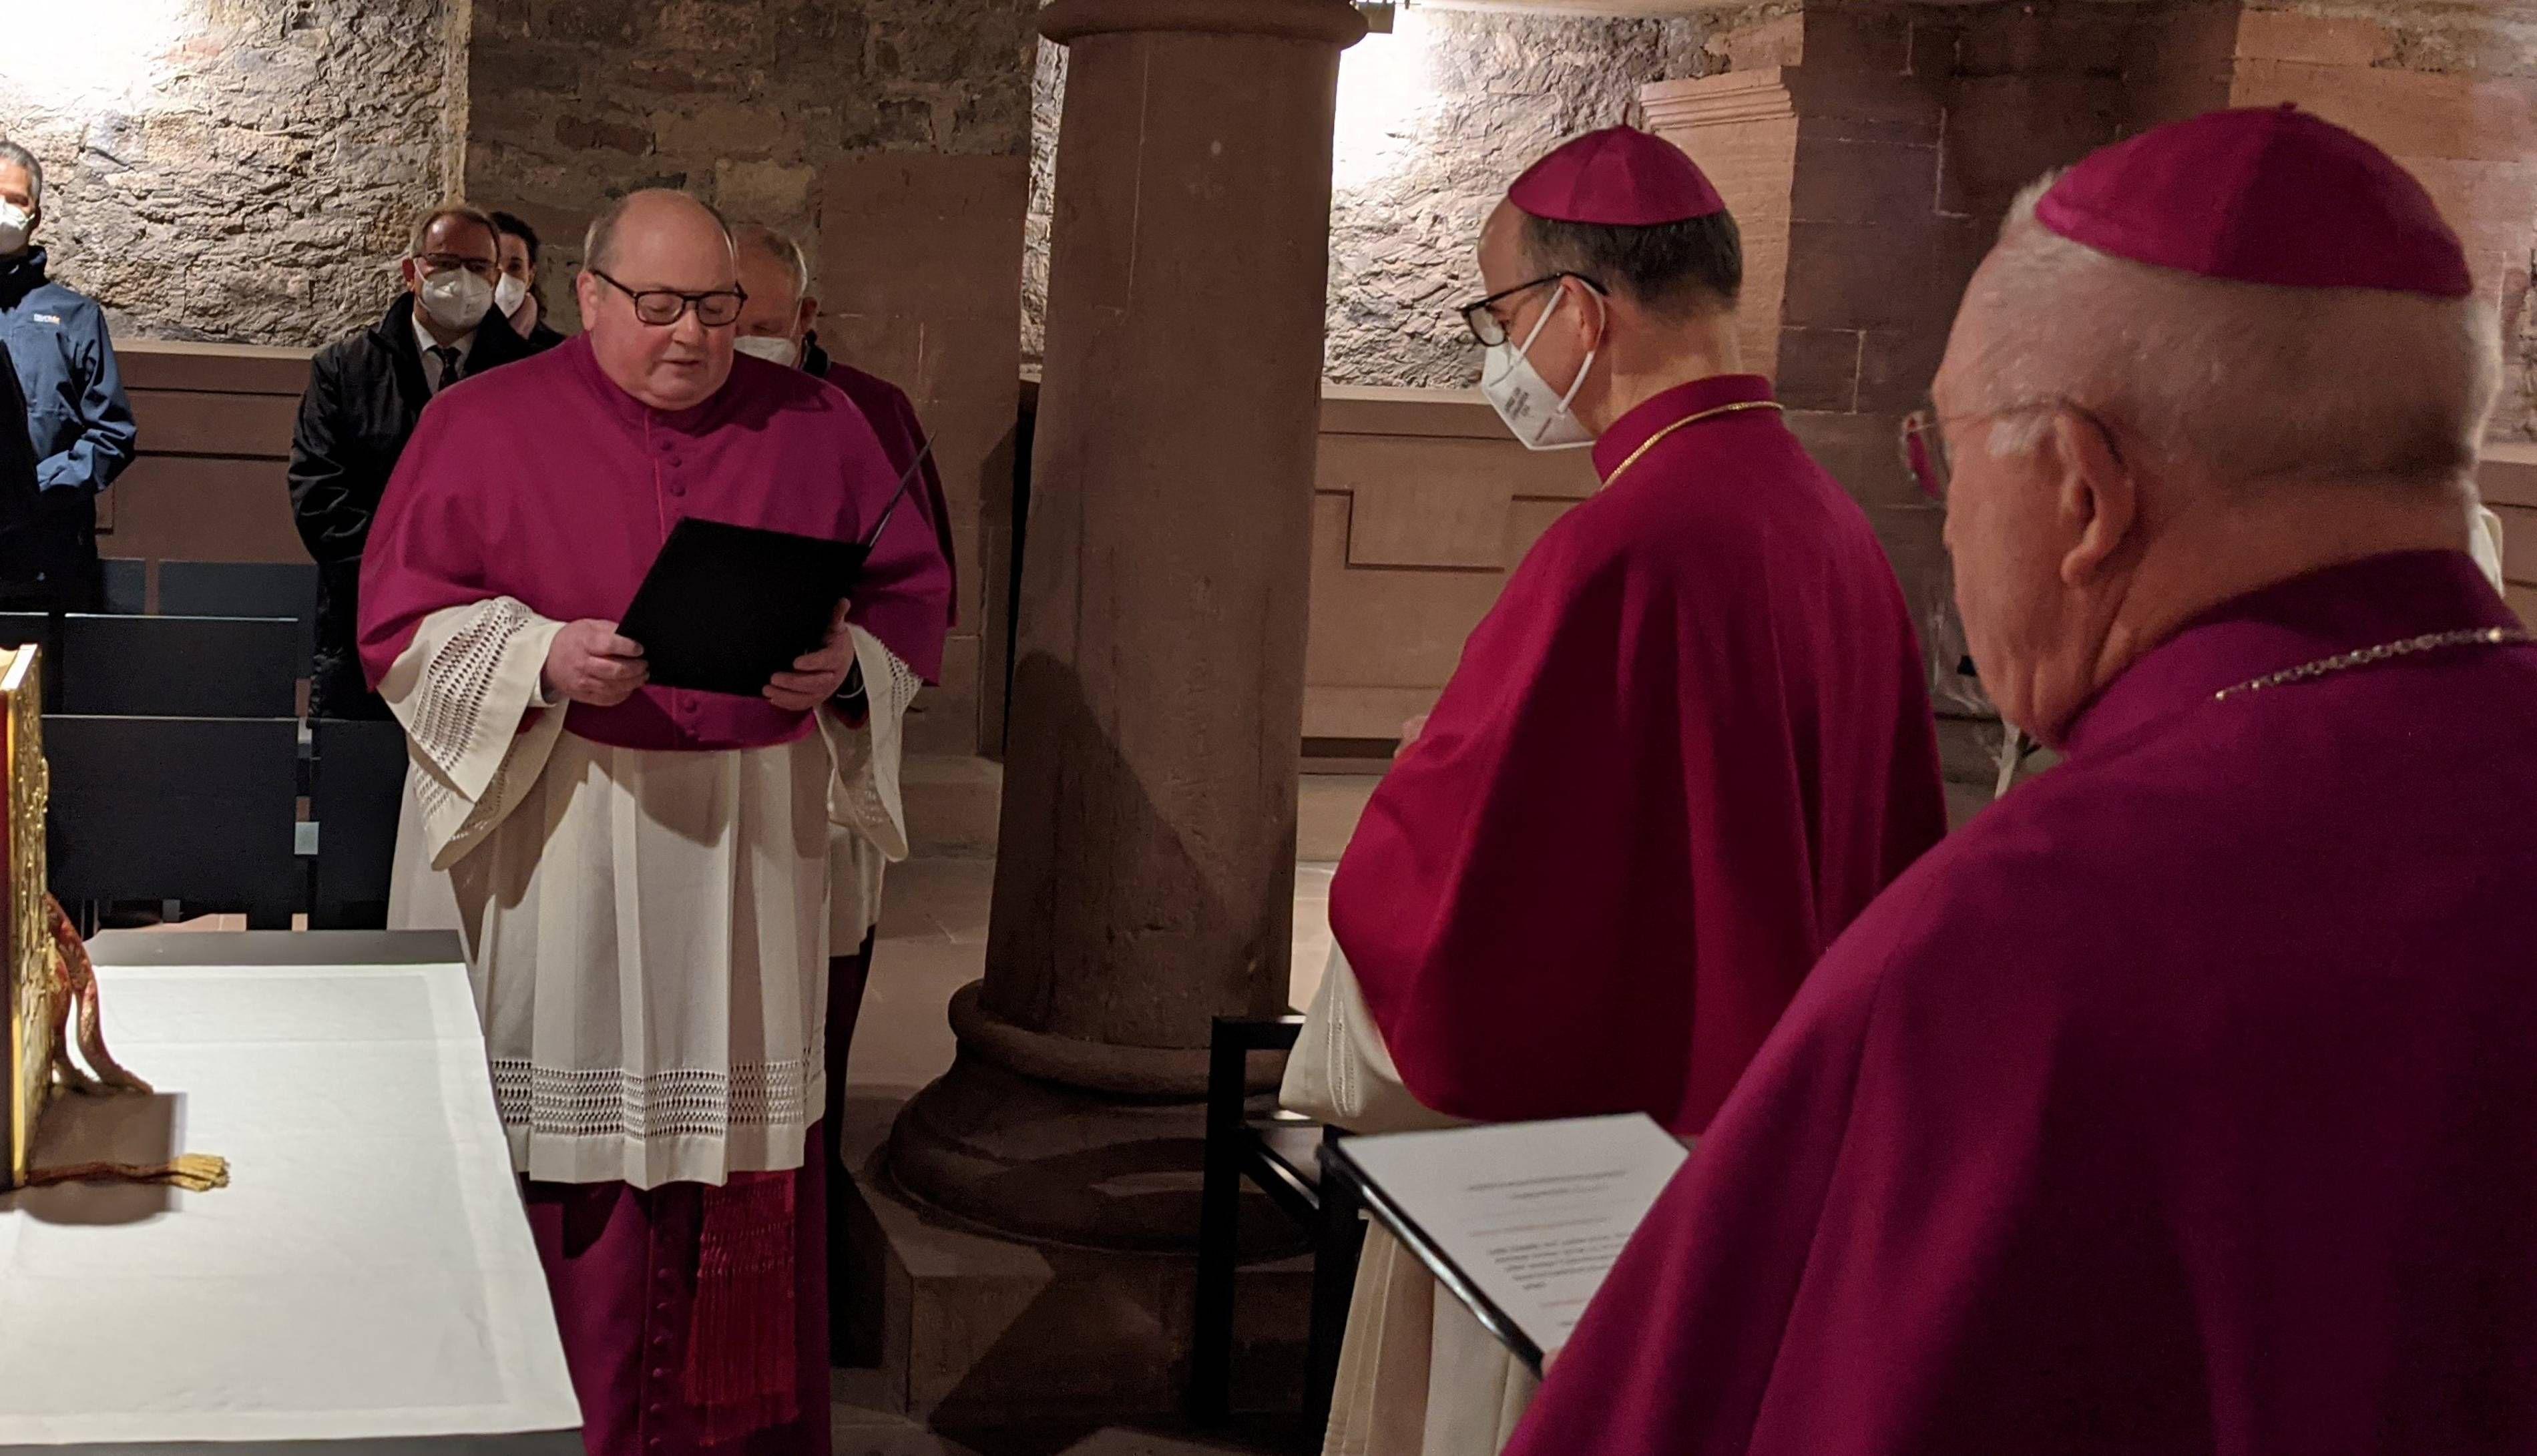 Dompfarrer Stefan Gessner (links) legte vor Bischof Dr. Franz Jung und Weihbischof Ulrich Boom das Glaubensbekenntnis ab.